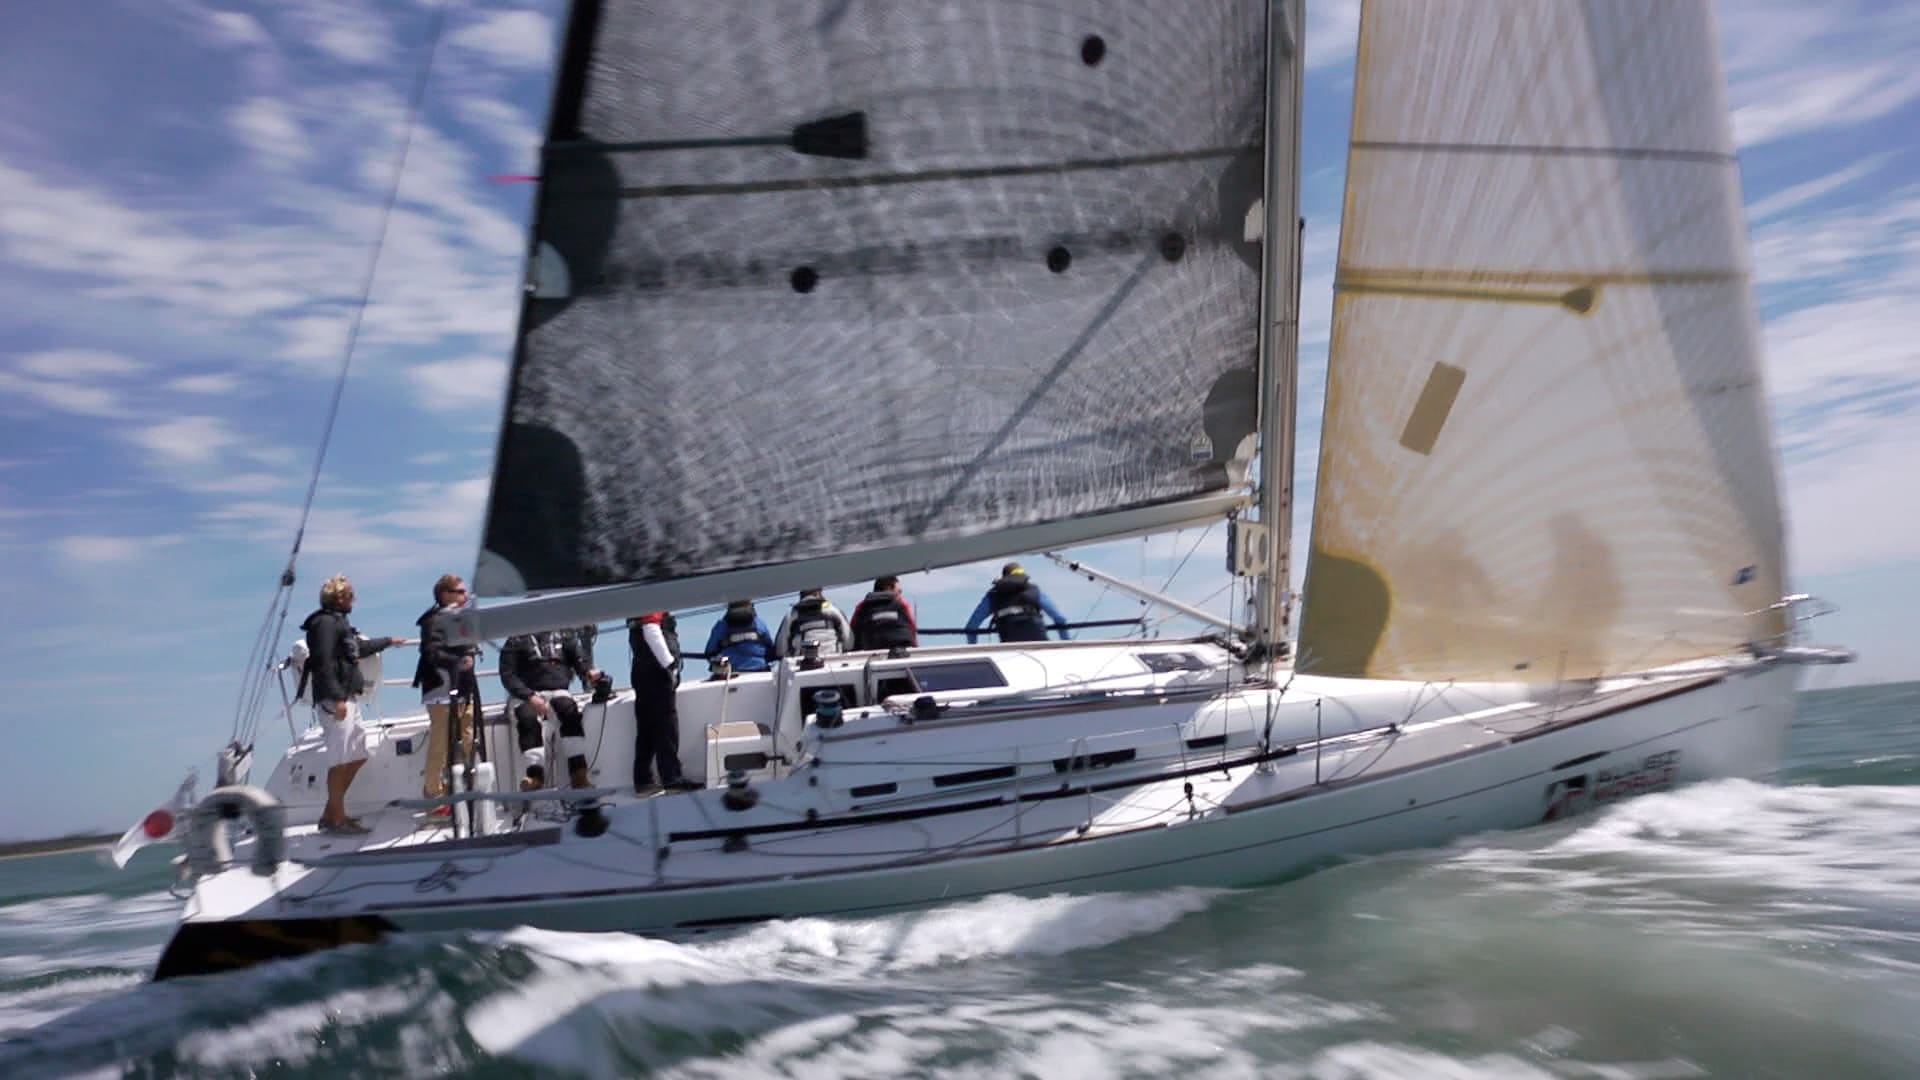 O2 think big regatta